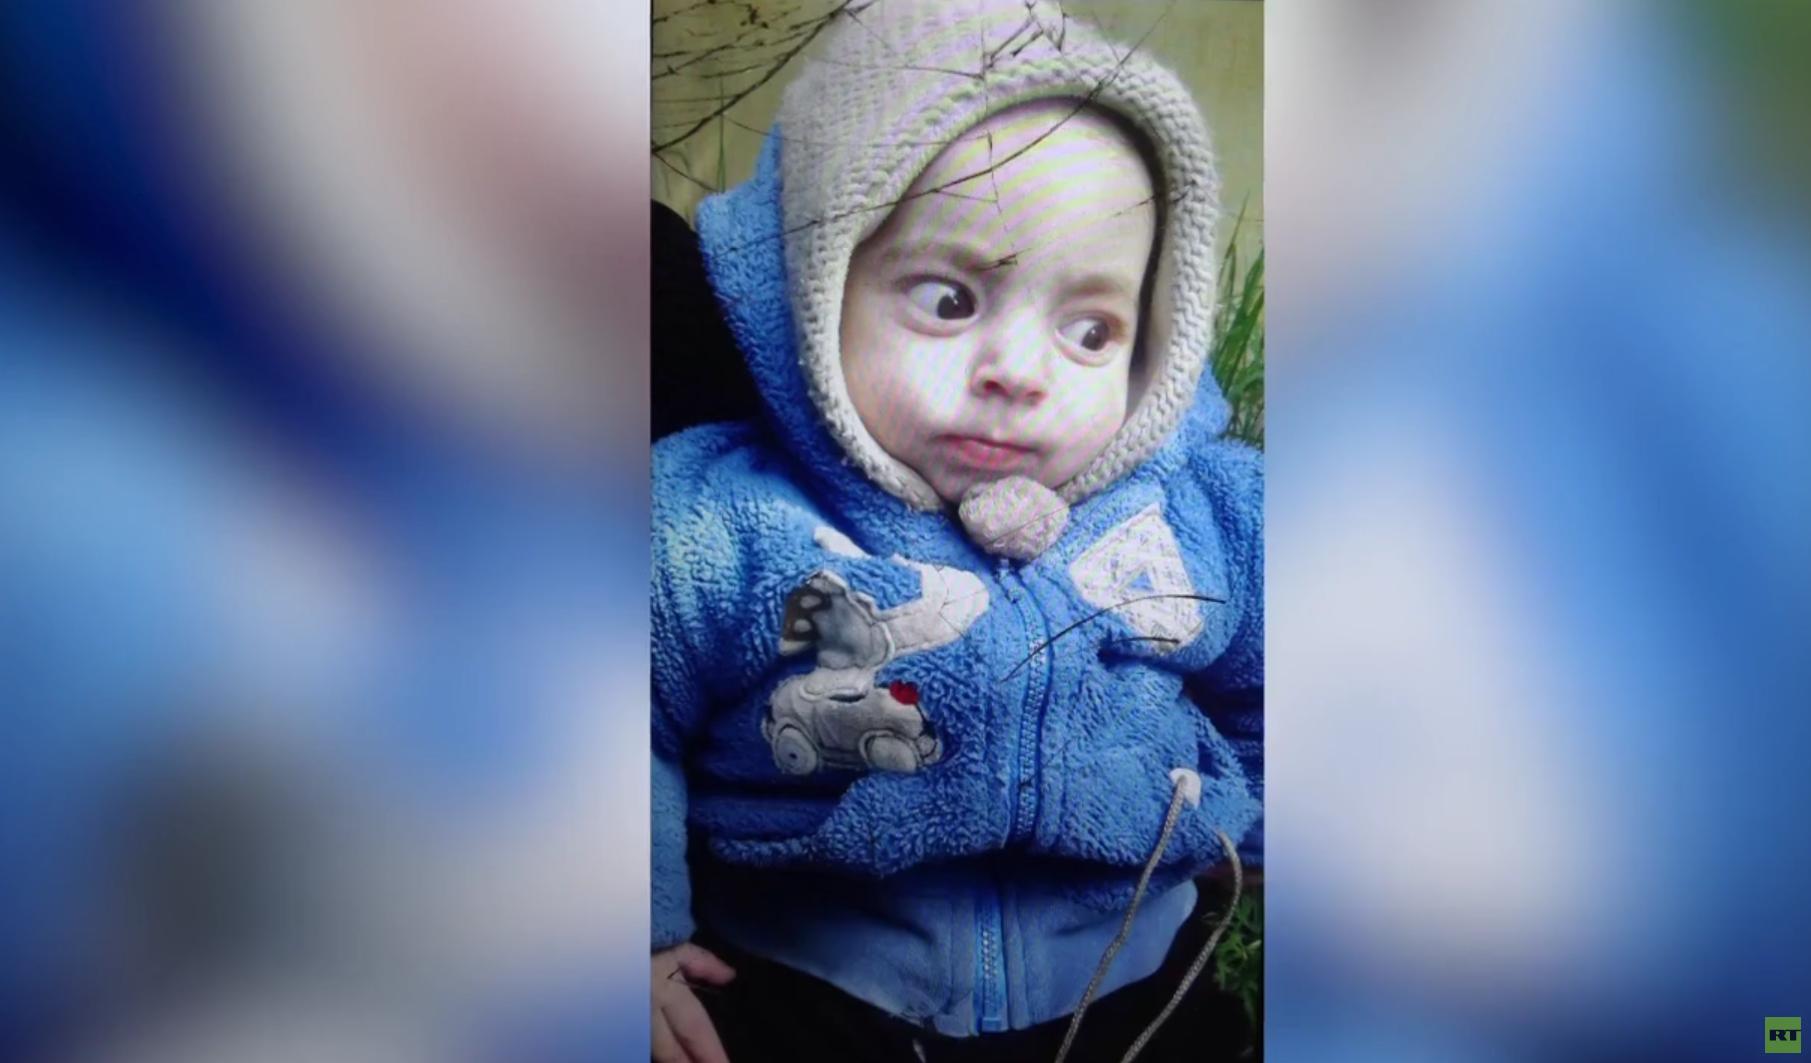 جهود RT تتوج بمساعدة عائلة روسية في العثور على حفيدها بعد معاناة مع